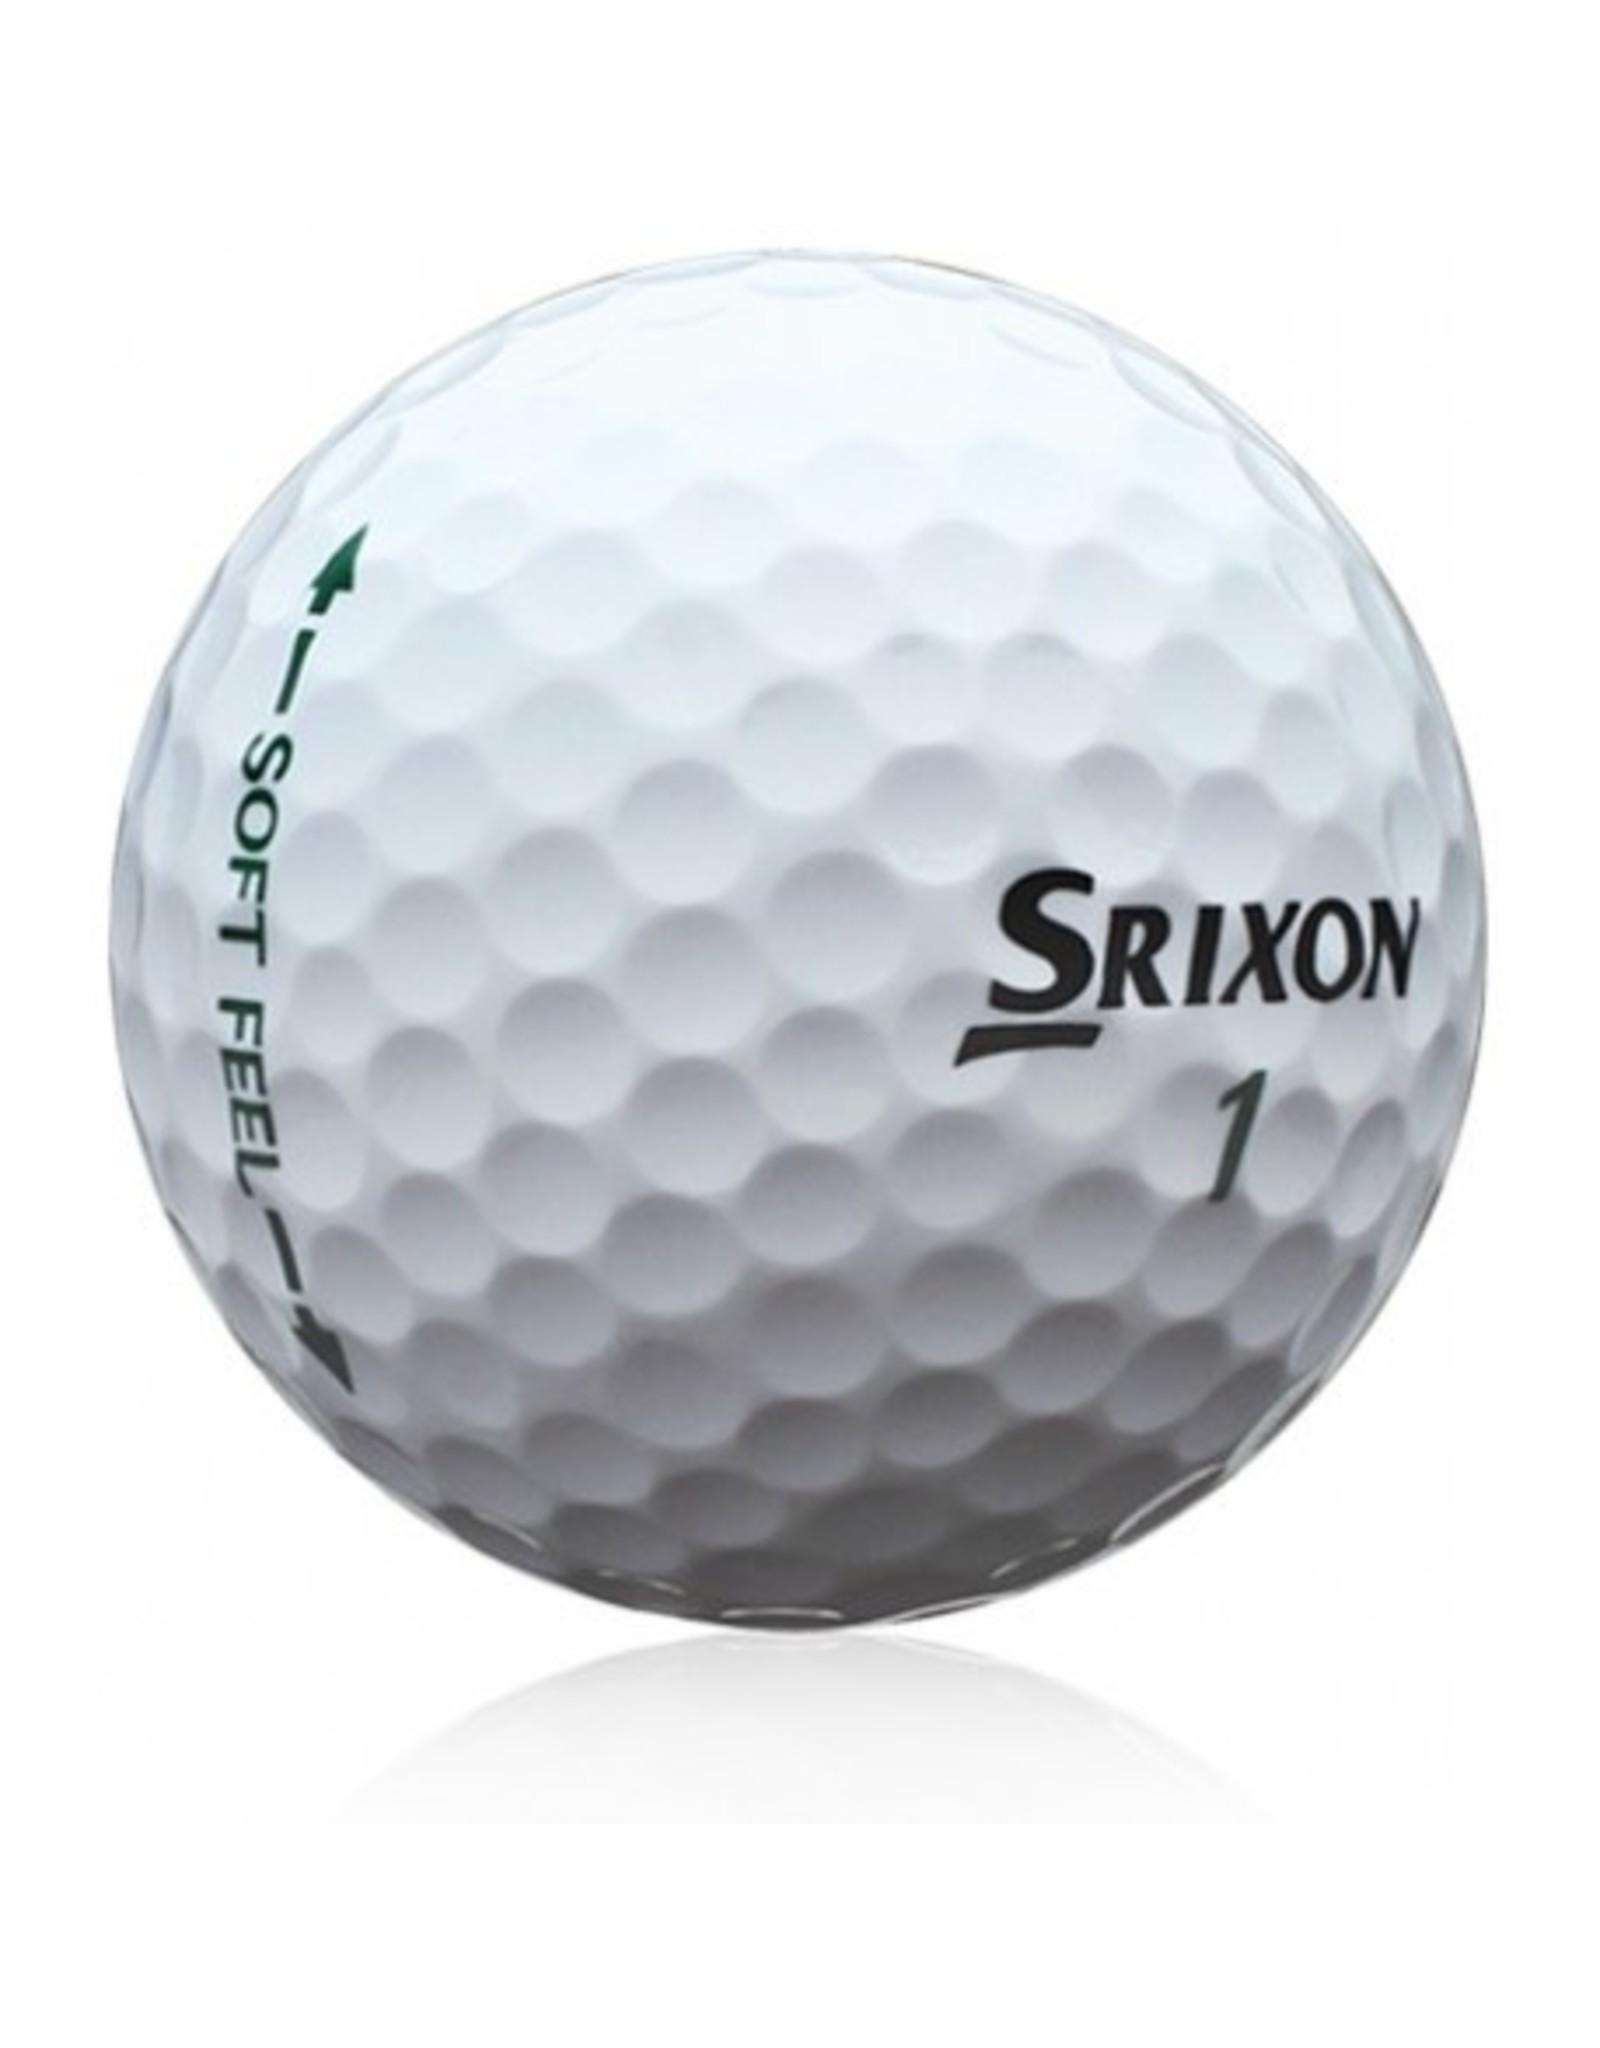 Srixon Srixon Soft Feel Dozen